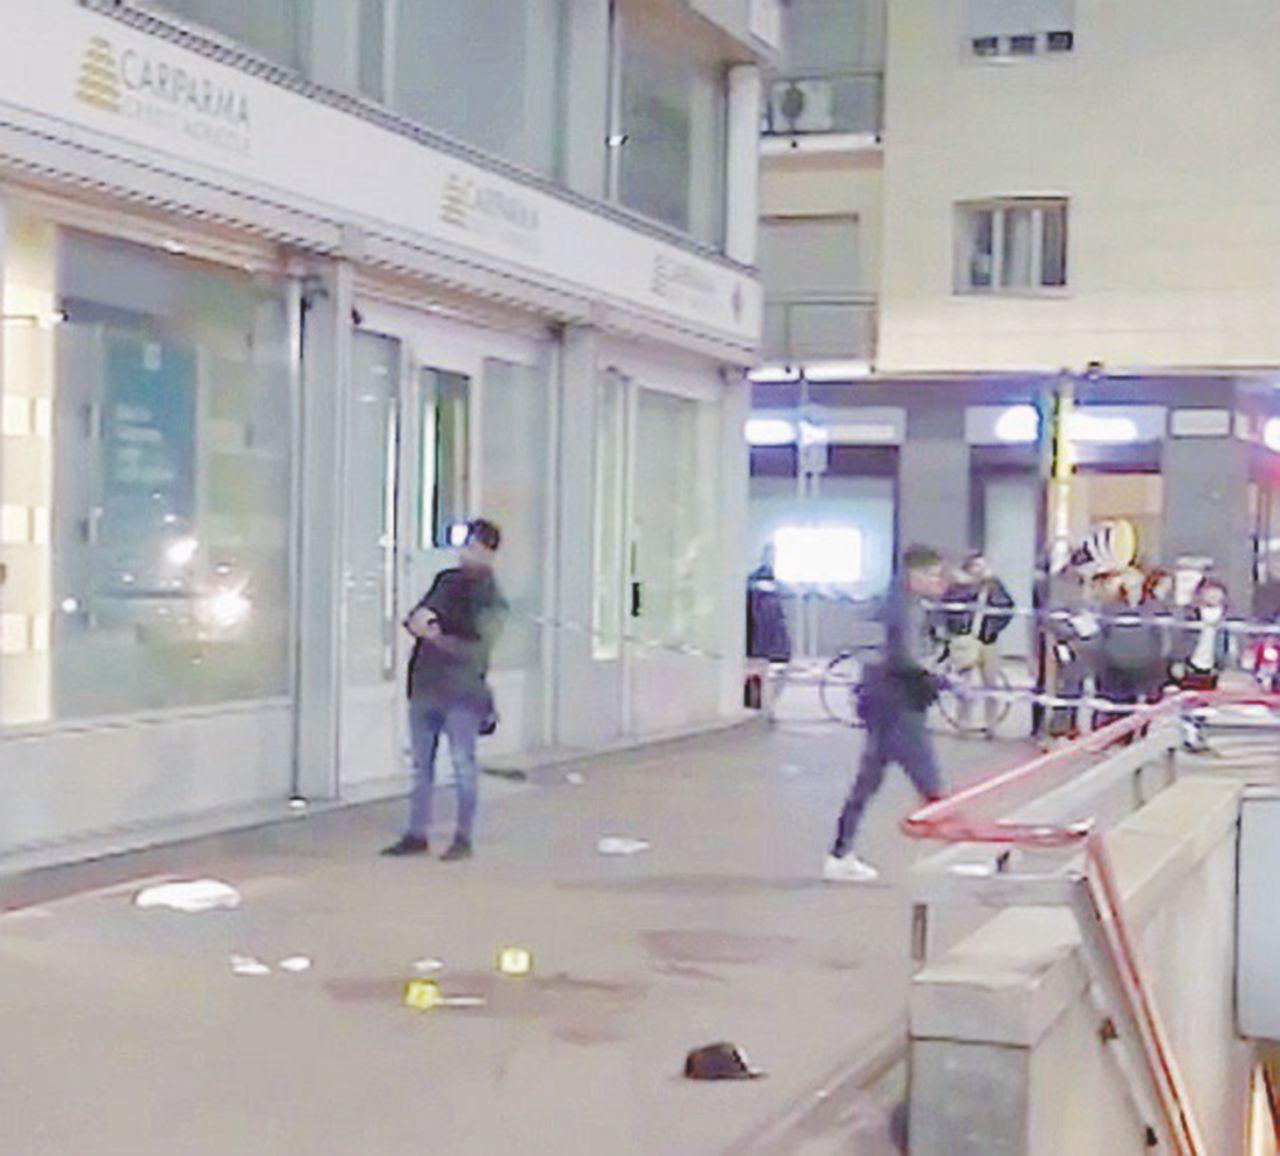 Milano, l'esercito contro gang e islamisti